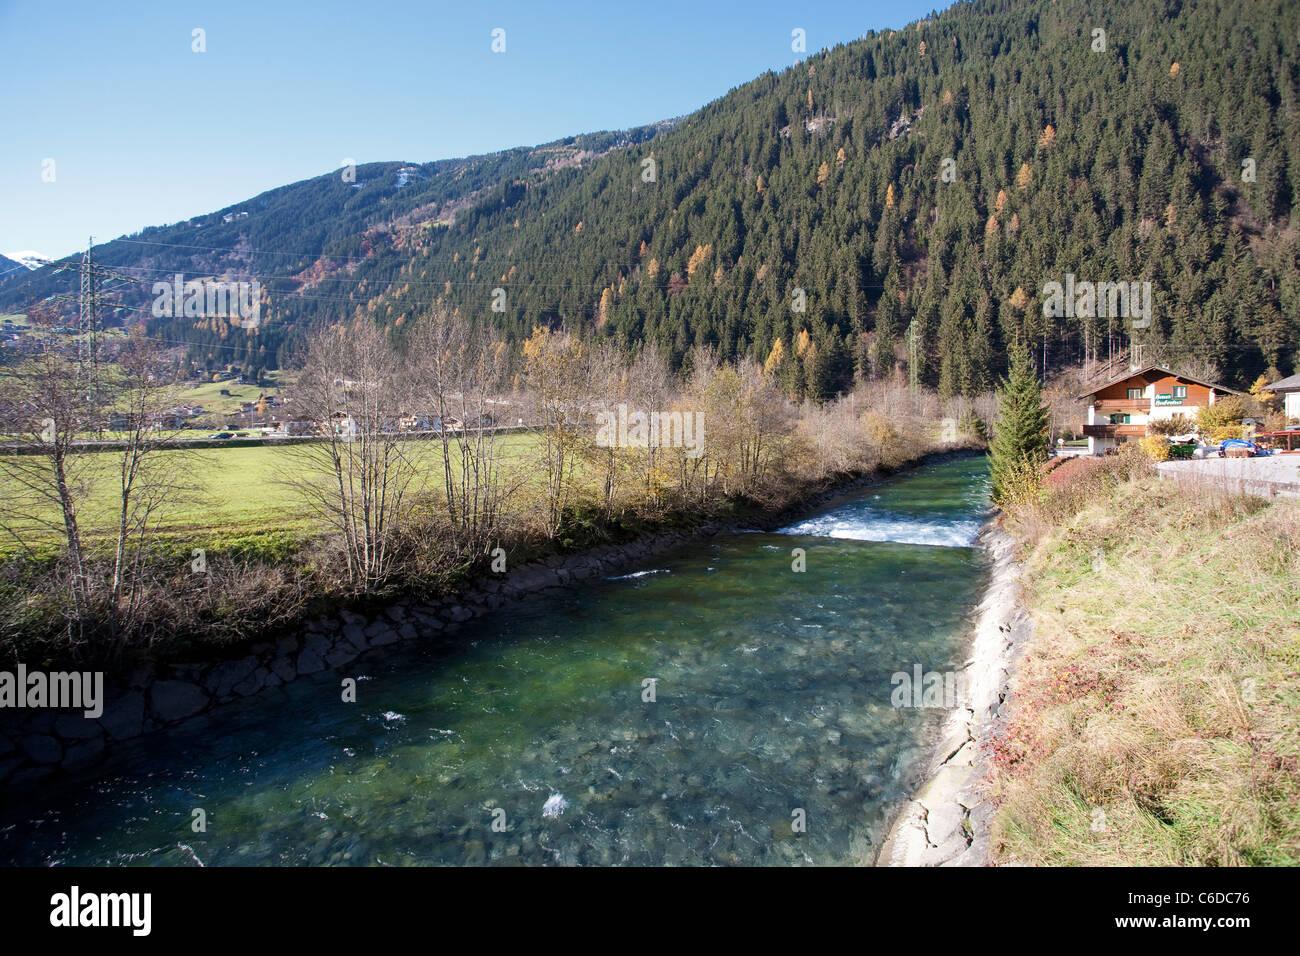 Fluss, Ziller bei Mayrhofen, river Ziller at Mayrhofen - Stock Image